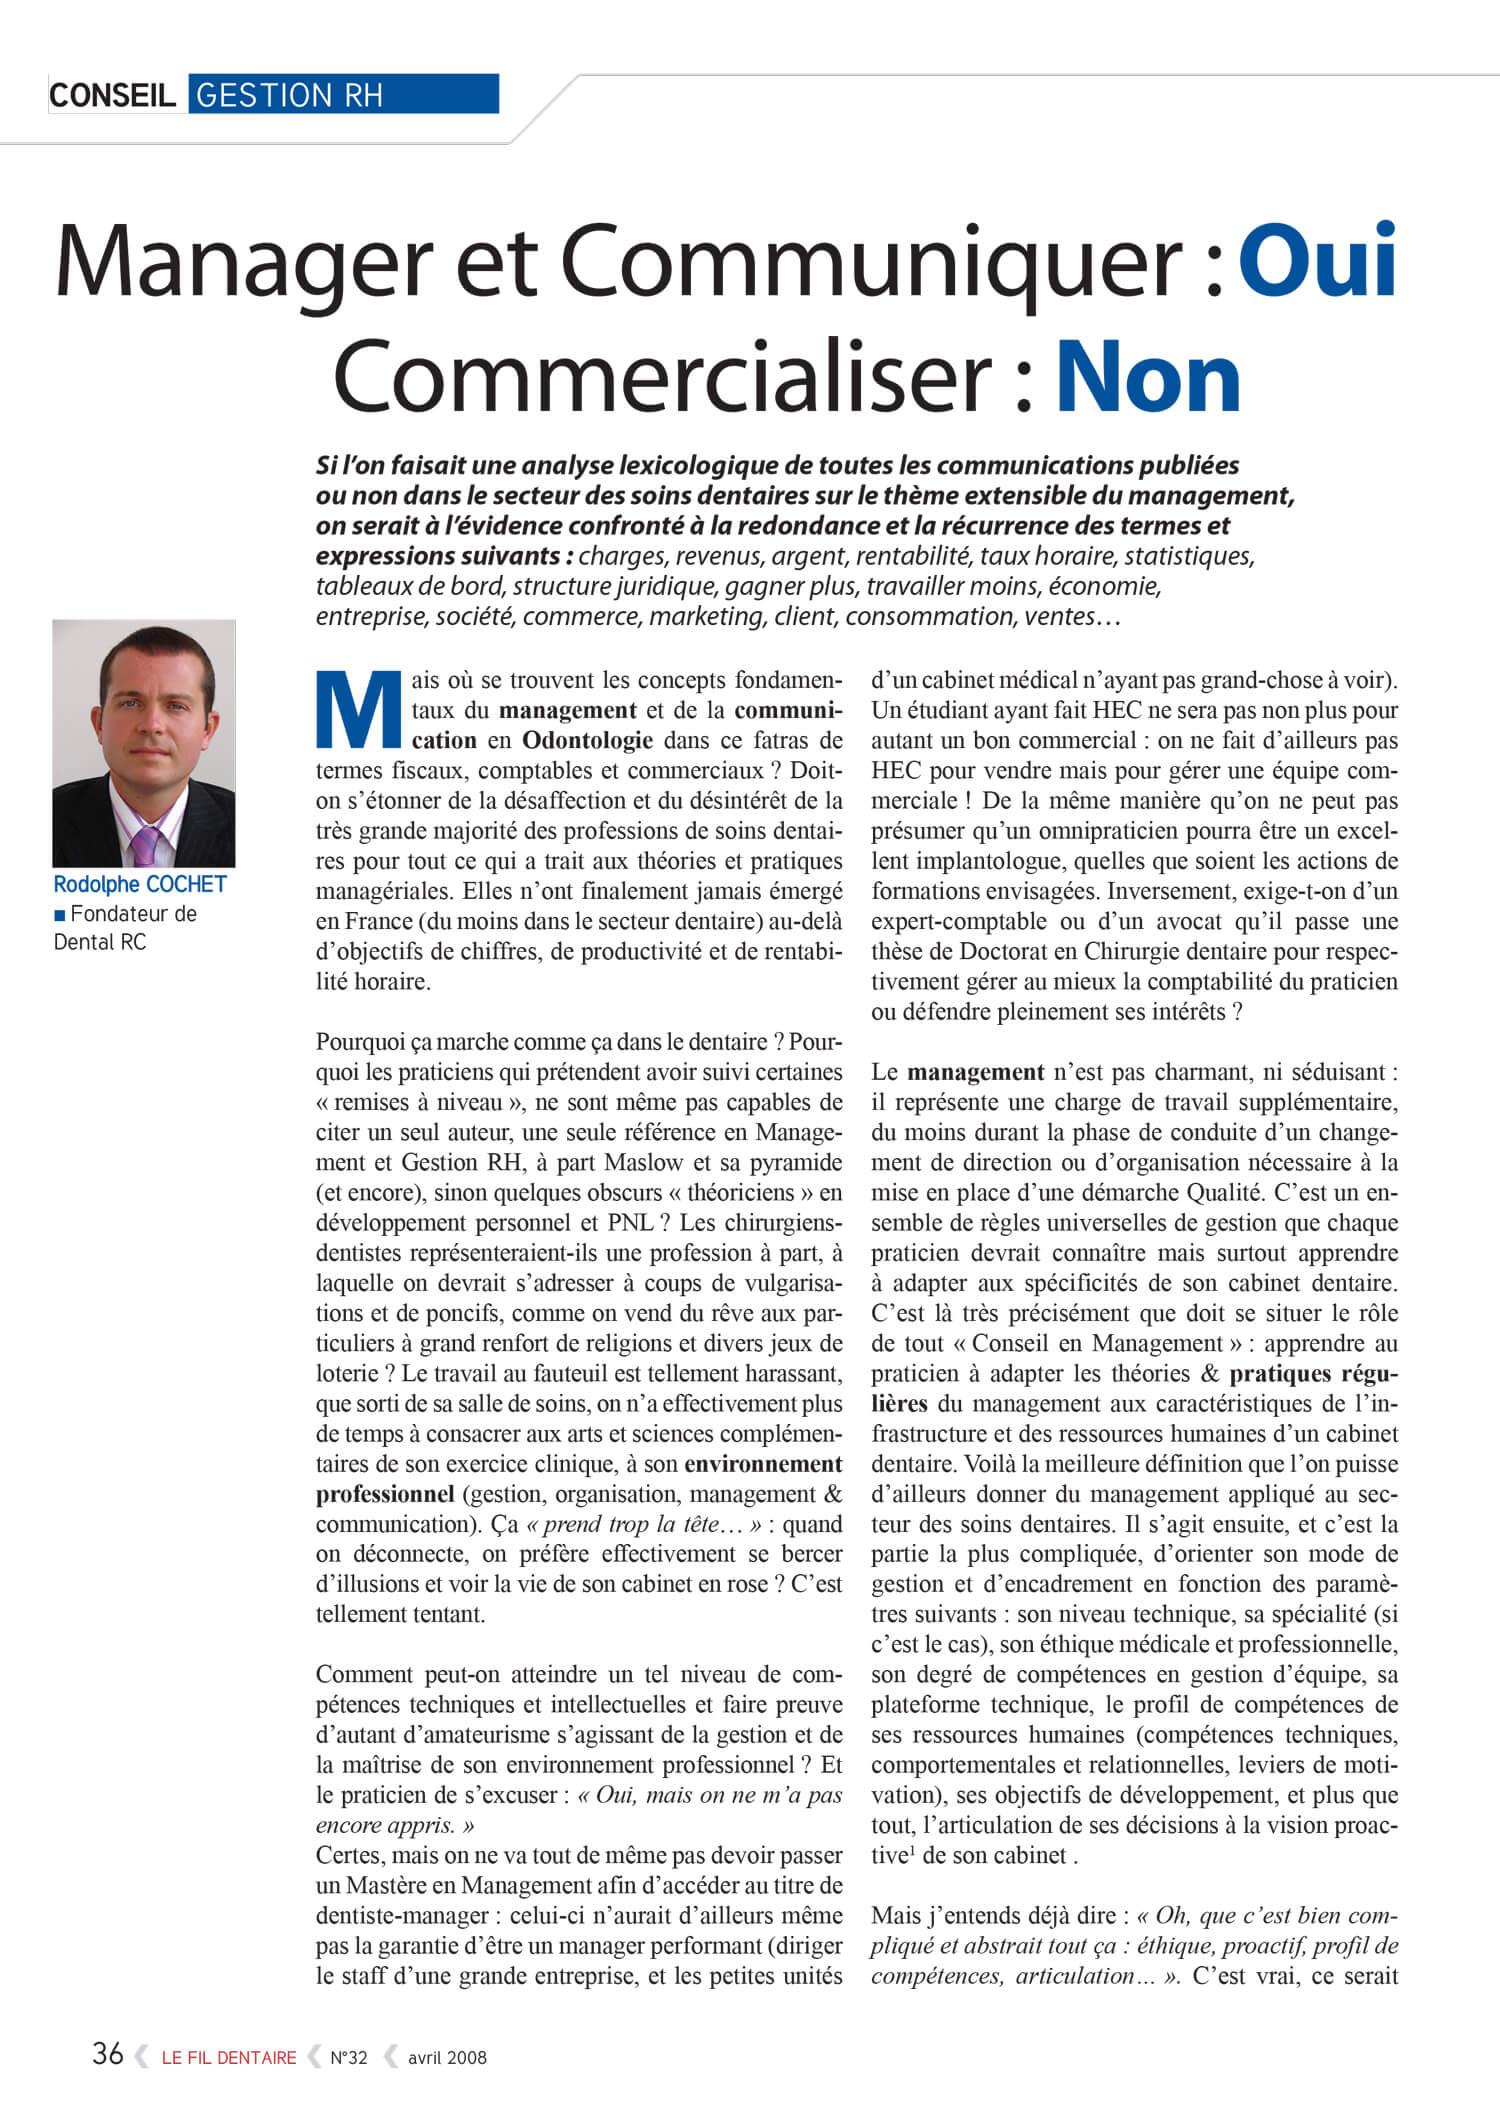 Le_Fil_Dentaire_Manager_et_Communiquer_OUI_Commercialiser_NON_Rodolphe_Cochet.jpg